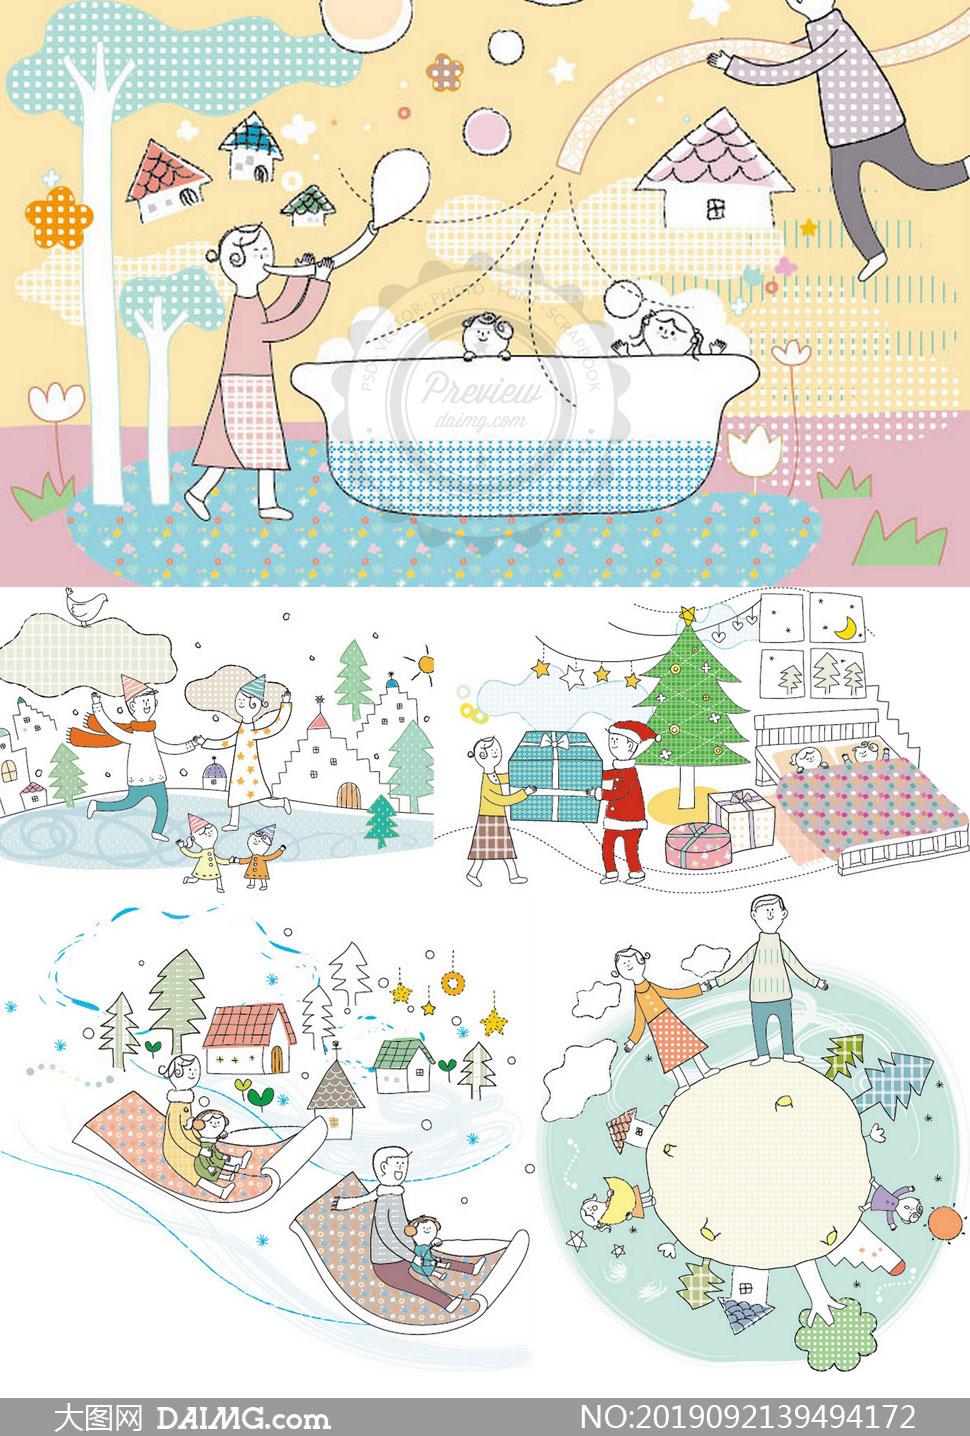 幸福开心家庭人物主题卡通矢量素材